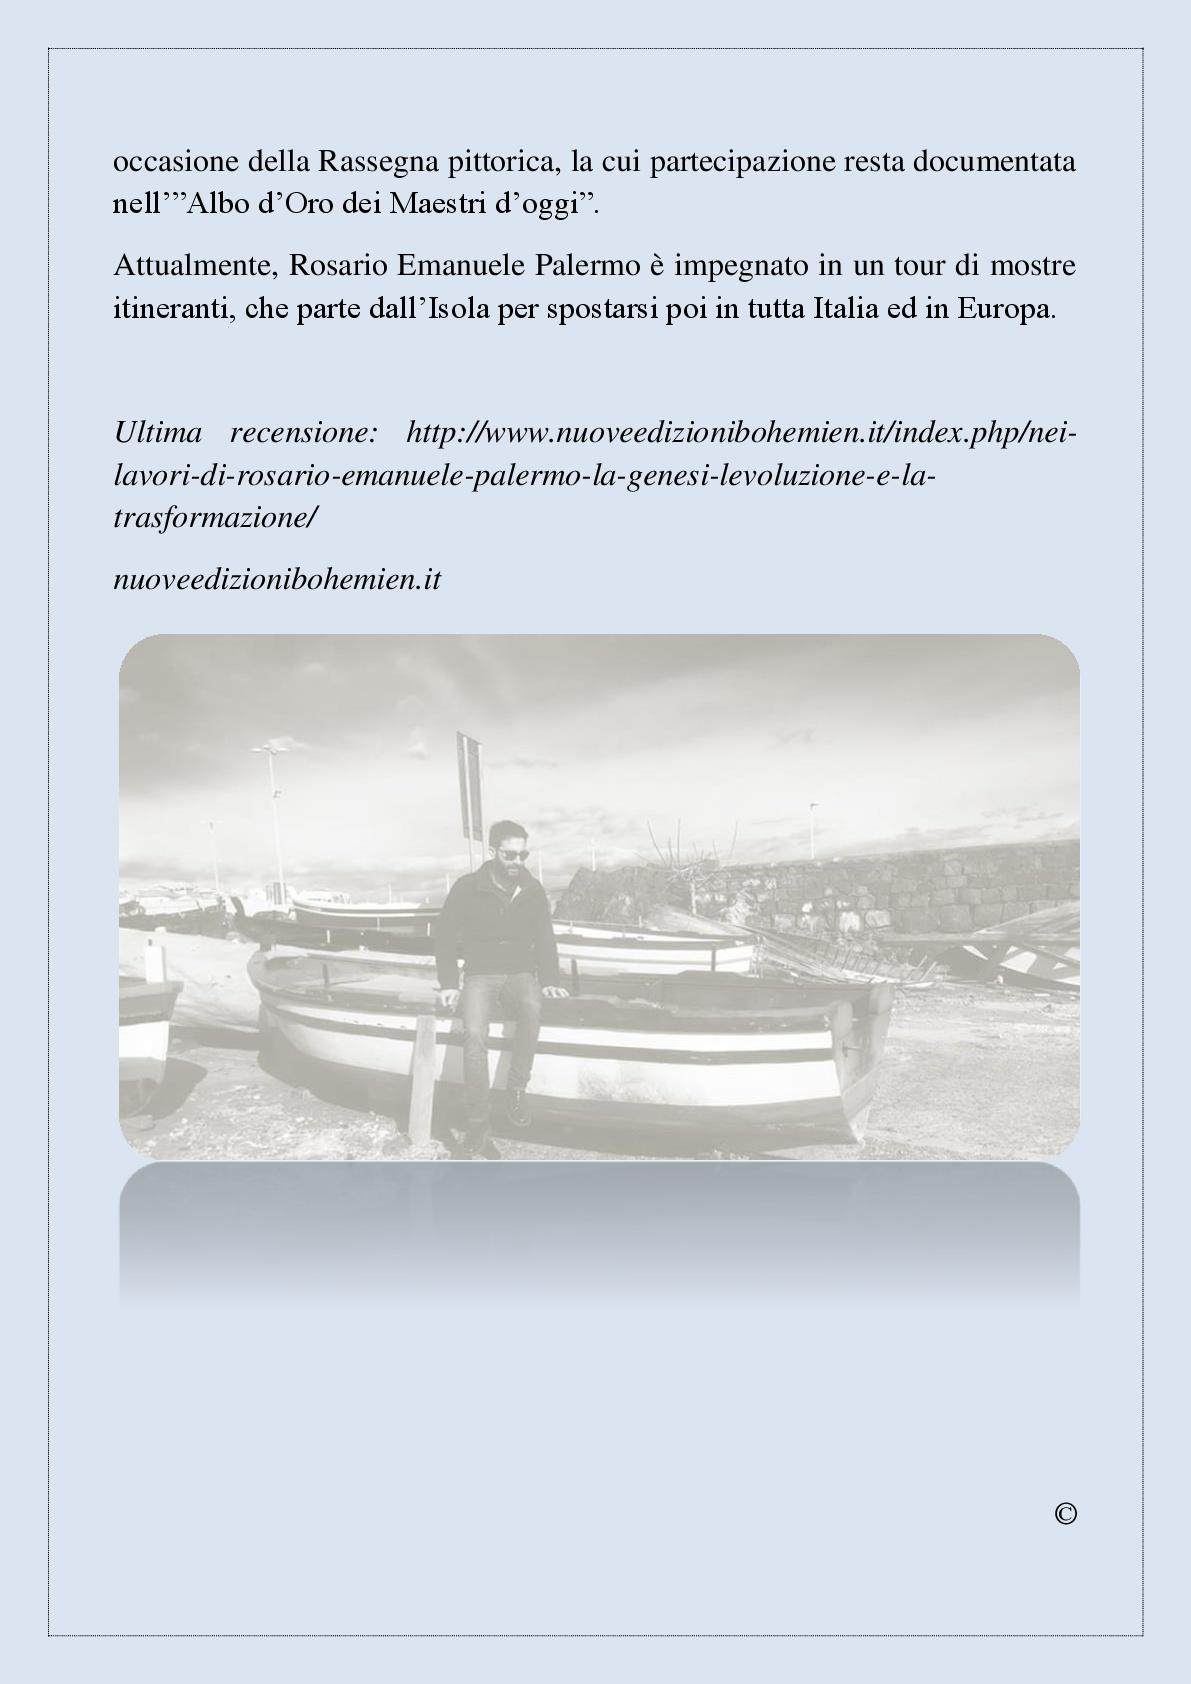 Curriculum-Vitae-di-Rosario-Emanuele-Palermo2-(1)-003